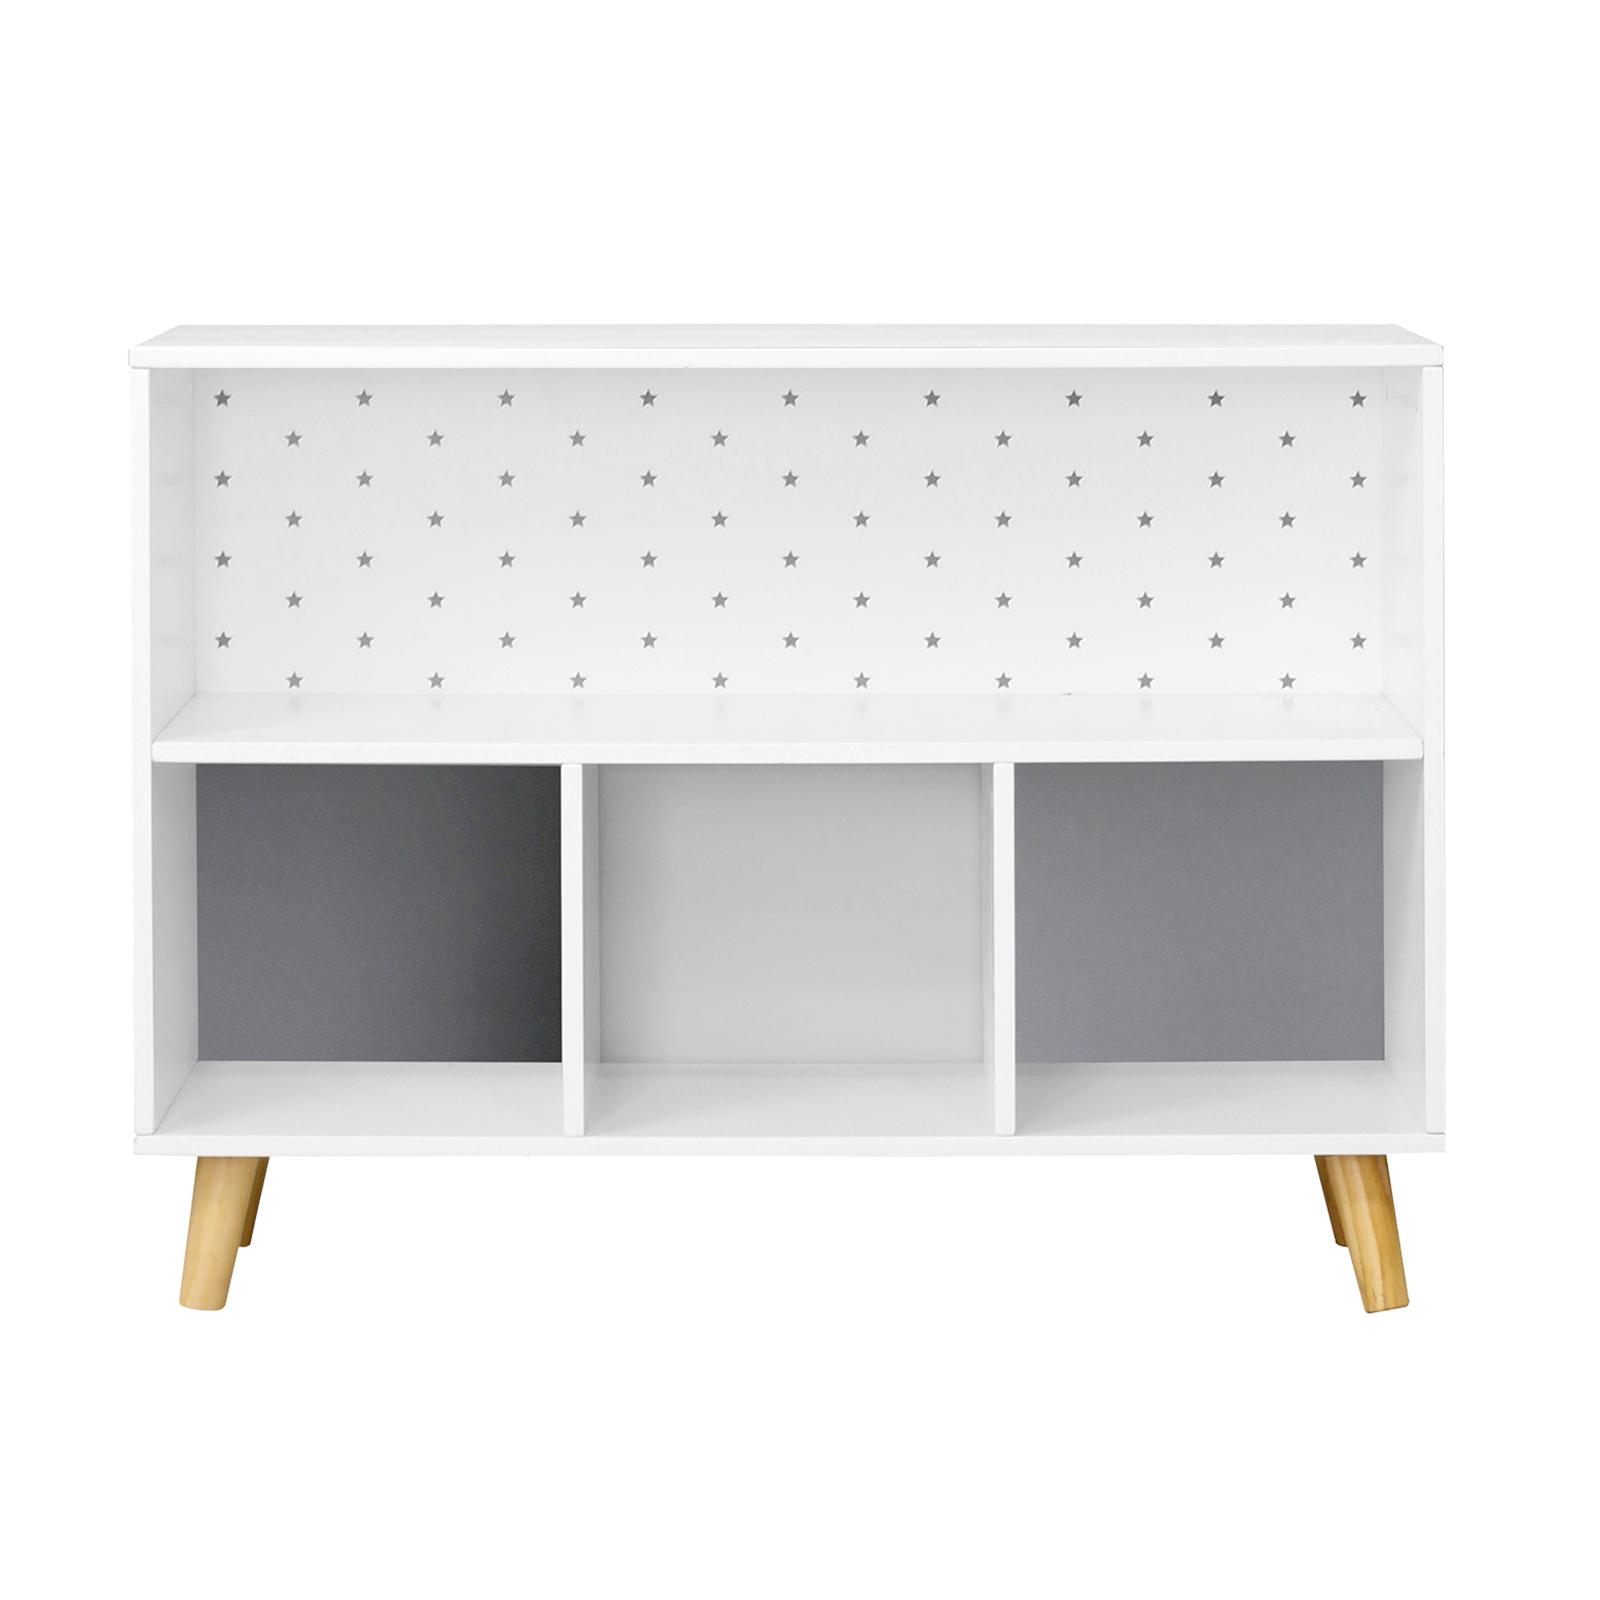 Flexi Storage Kids 78 x 58 x 28cm Grey Stars Cube Storage Unit With Legs